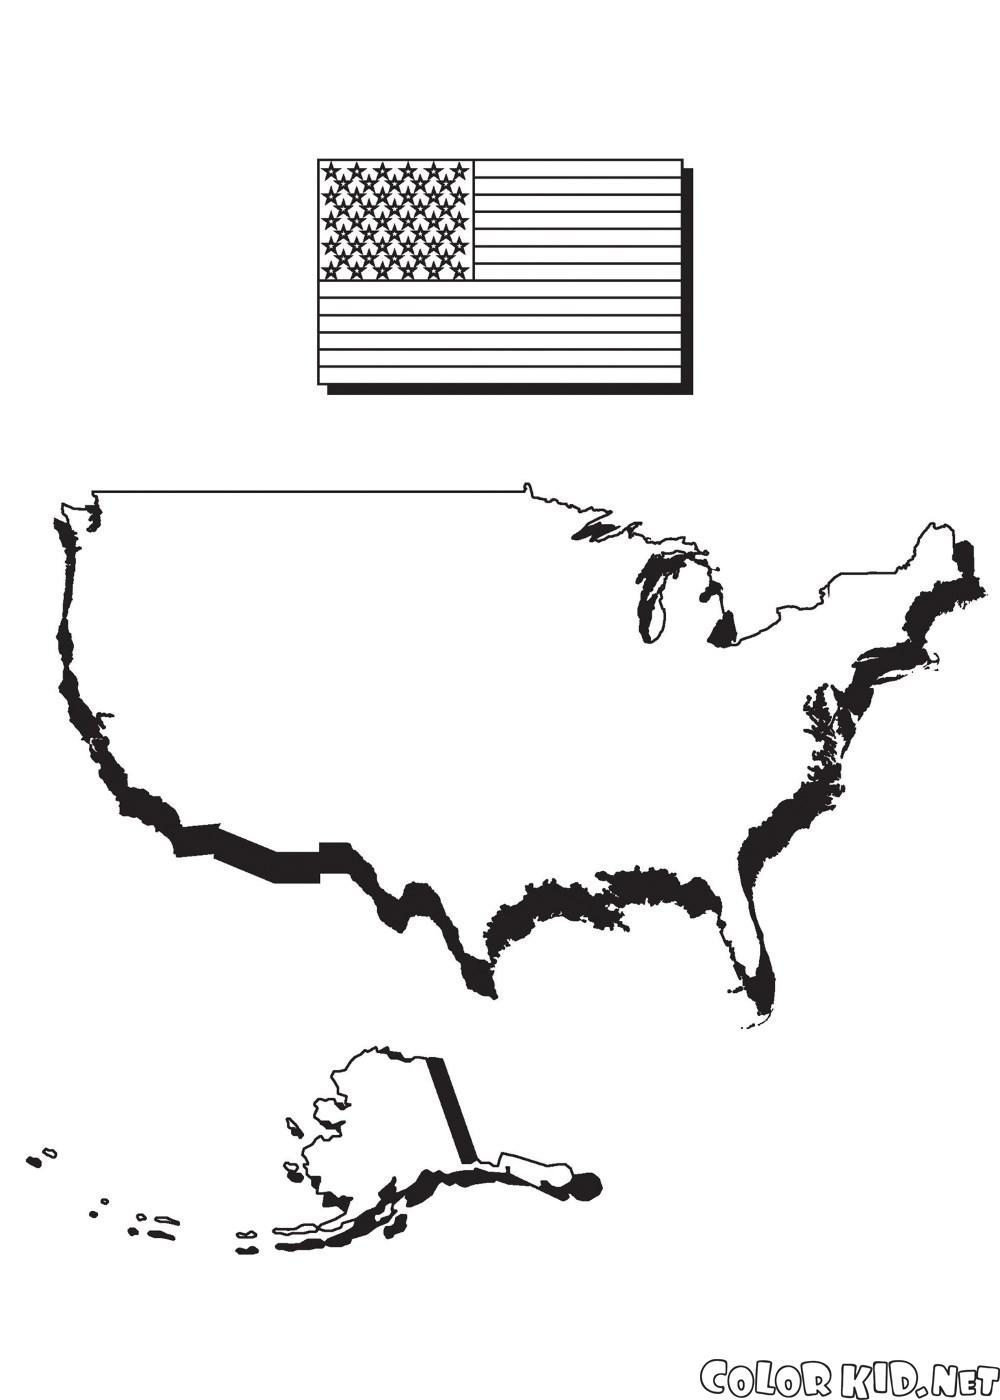 خريطة وعلم أمريكا